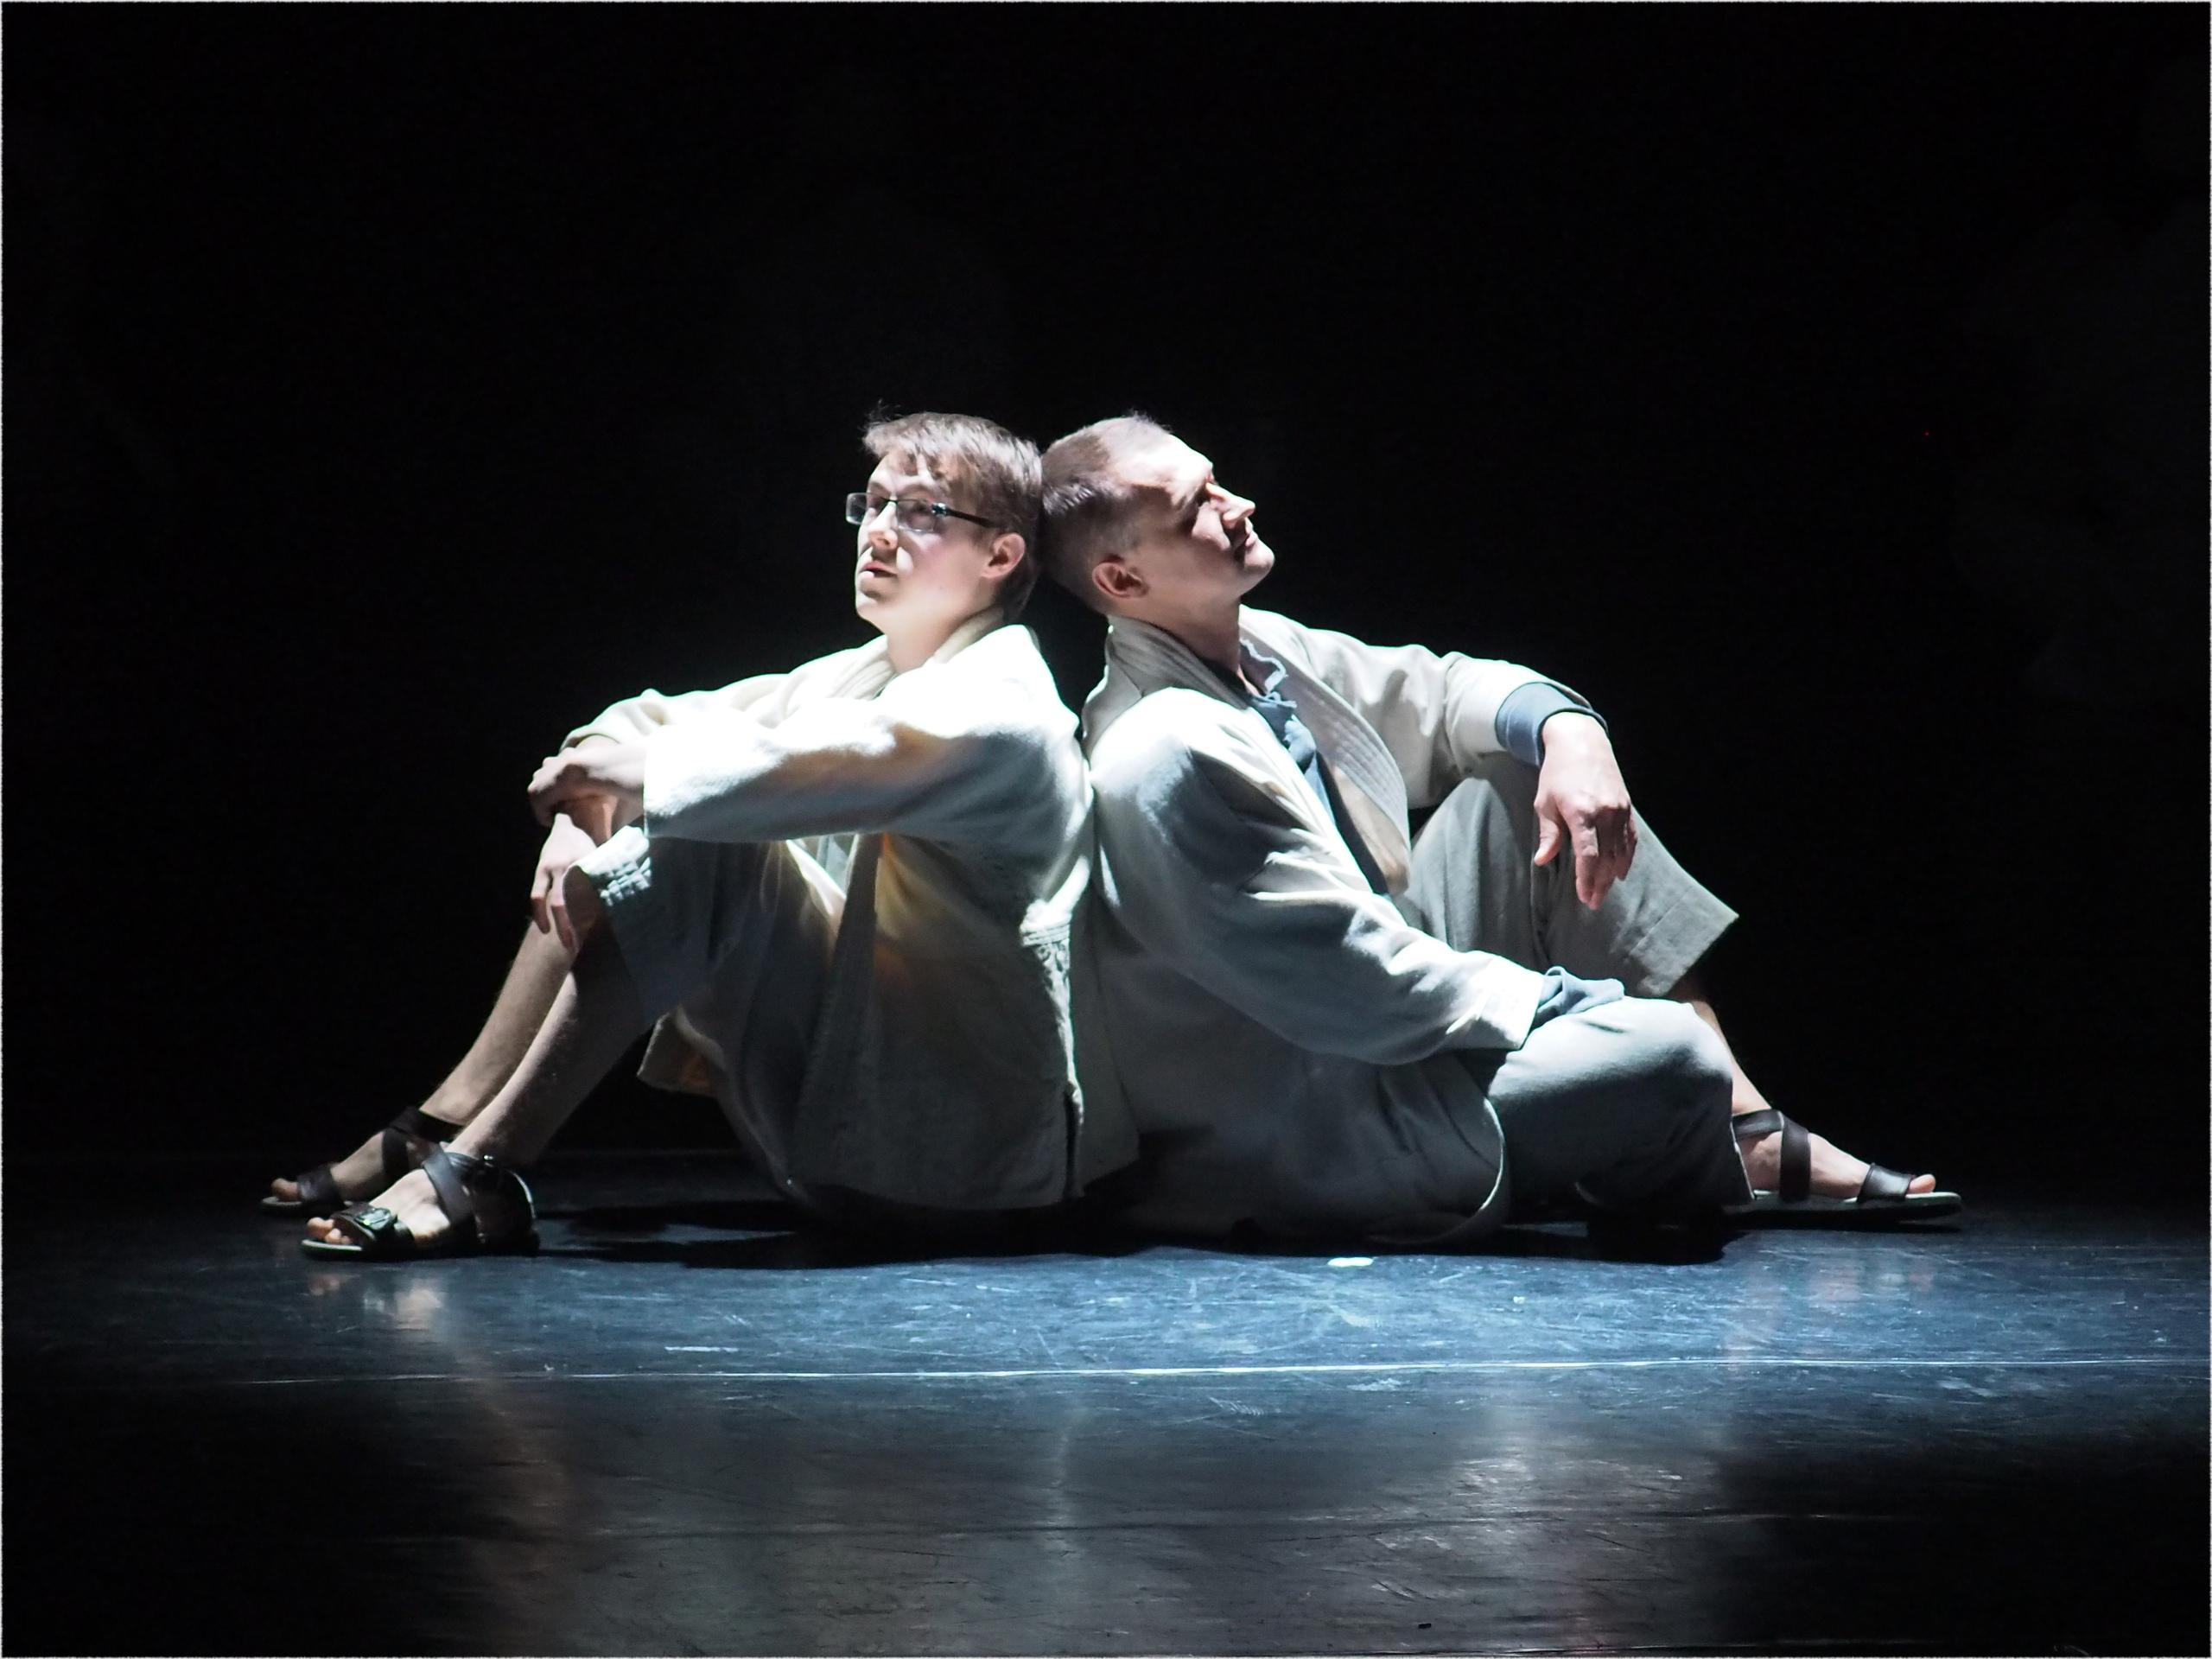 Спектакль Театра на Спасской вошёл в Топ-40 наиболее значимых событий 2020 года в рамках Национального проекта «Культура»